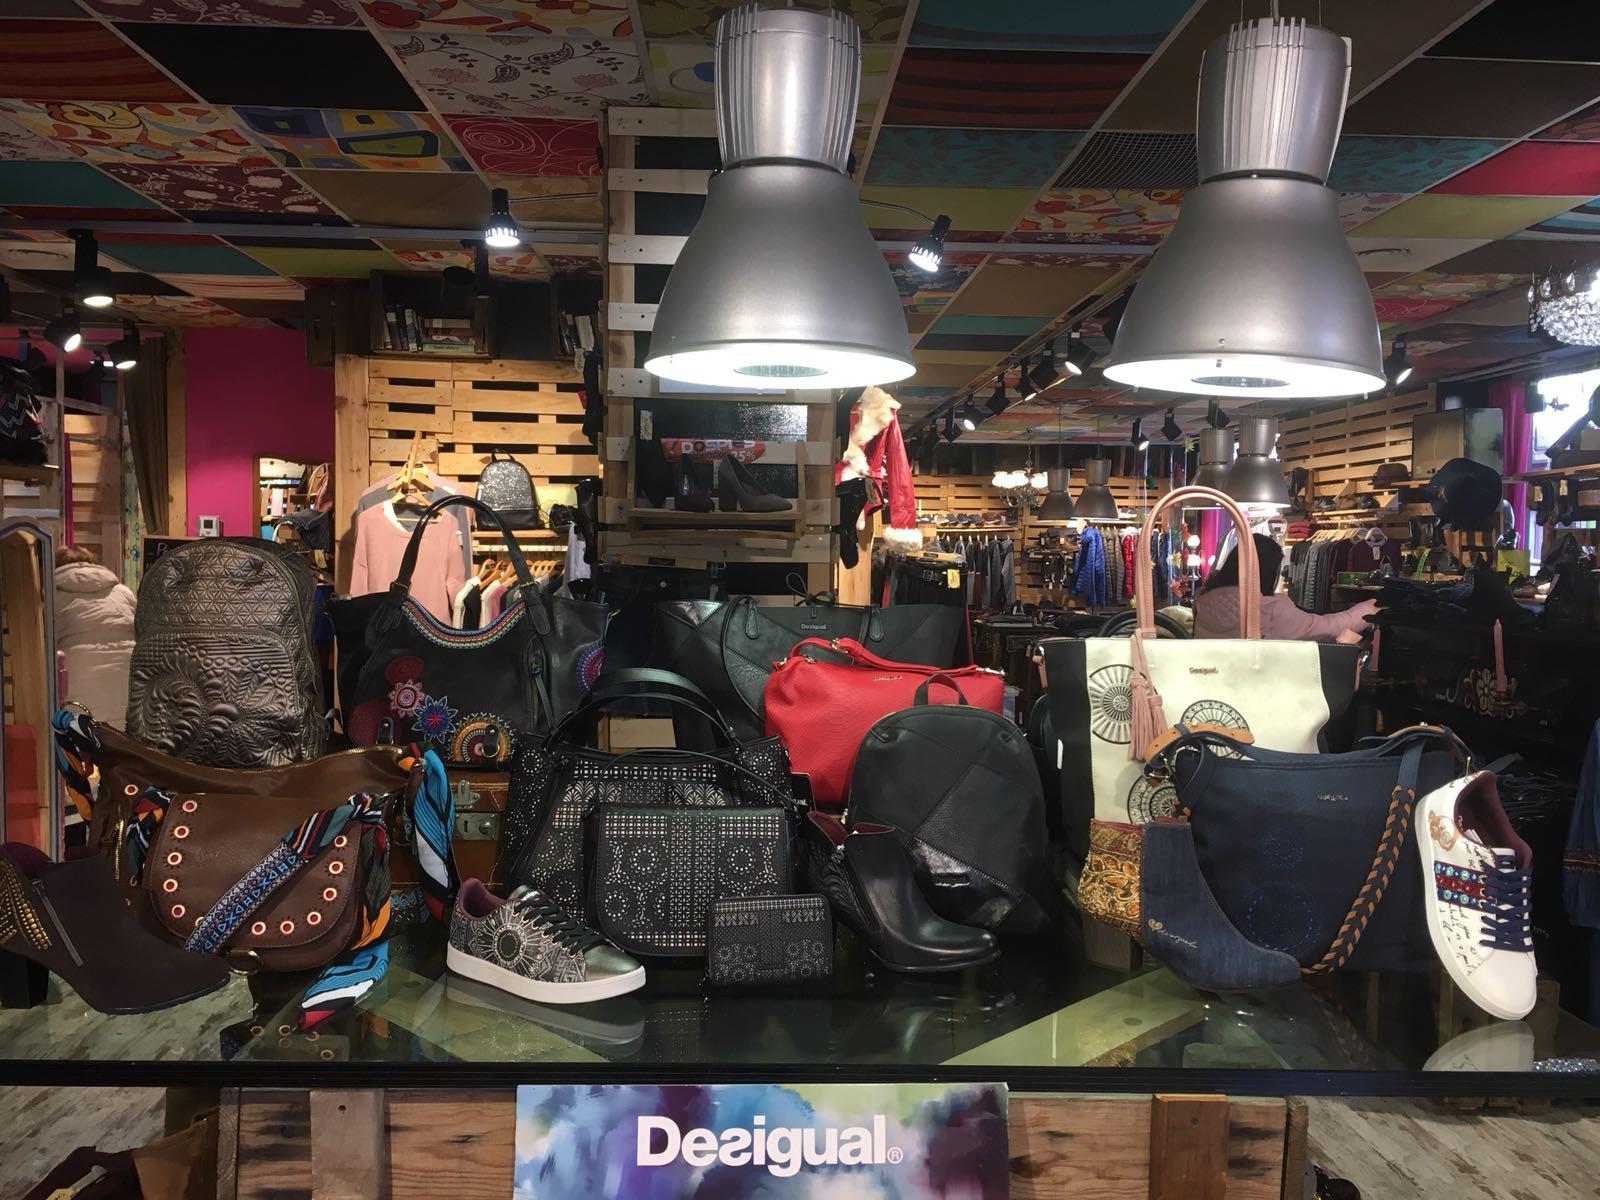 Desigual inunda nuestras tiendas!! Ven a ver la colección que hemos preparado para vosotr@s y déjate llevar por la creatividad de Desigual 👏👏👏 Ven a Soul of Mancebo y disfruta comprando!!! #desigual #bolsos #zapatos #complementos #moda #albacete